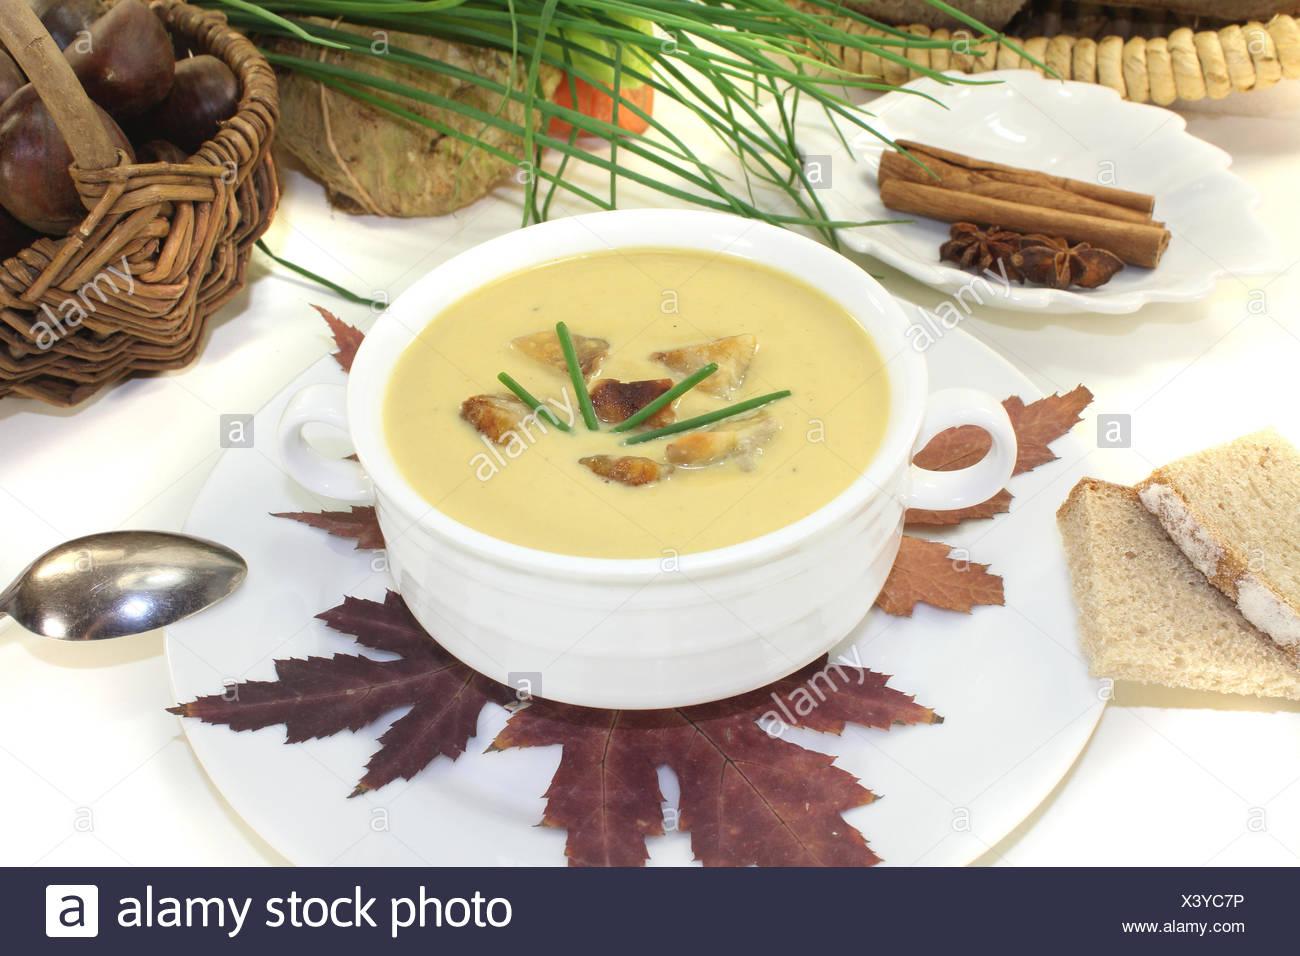 frische Maronensuppe mit Zimt vor hellem Hintergrund - Stock Image